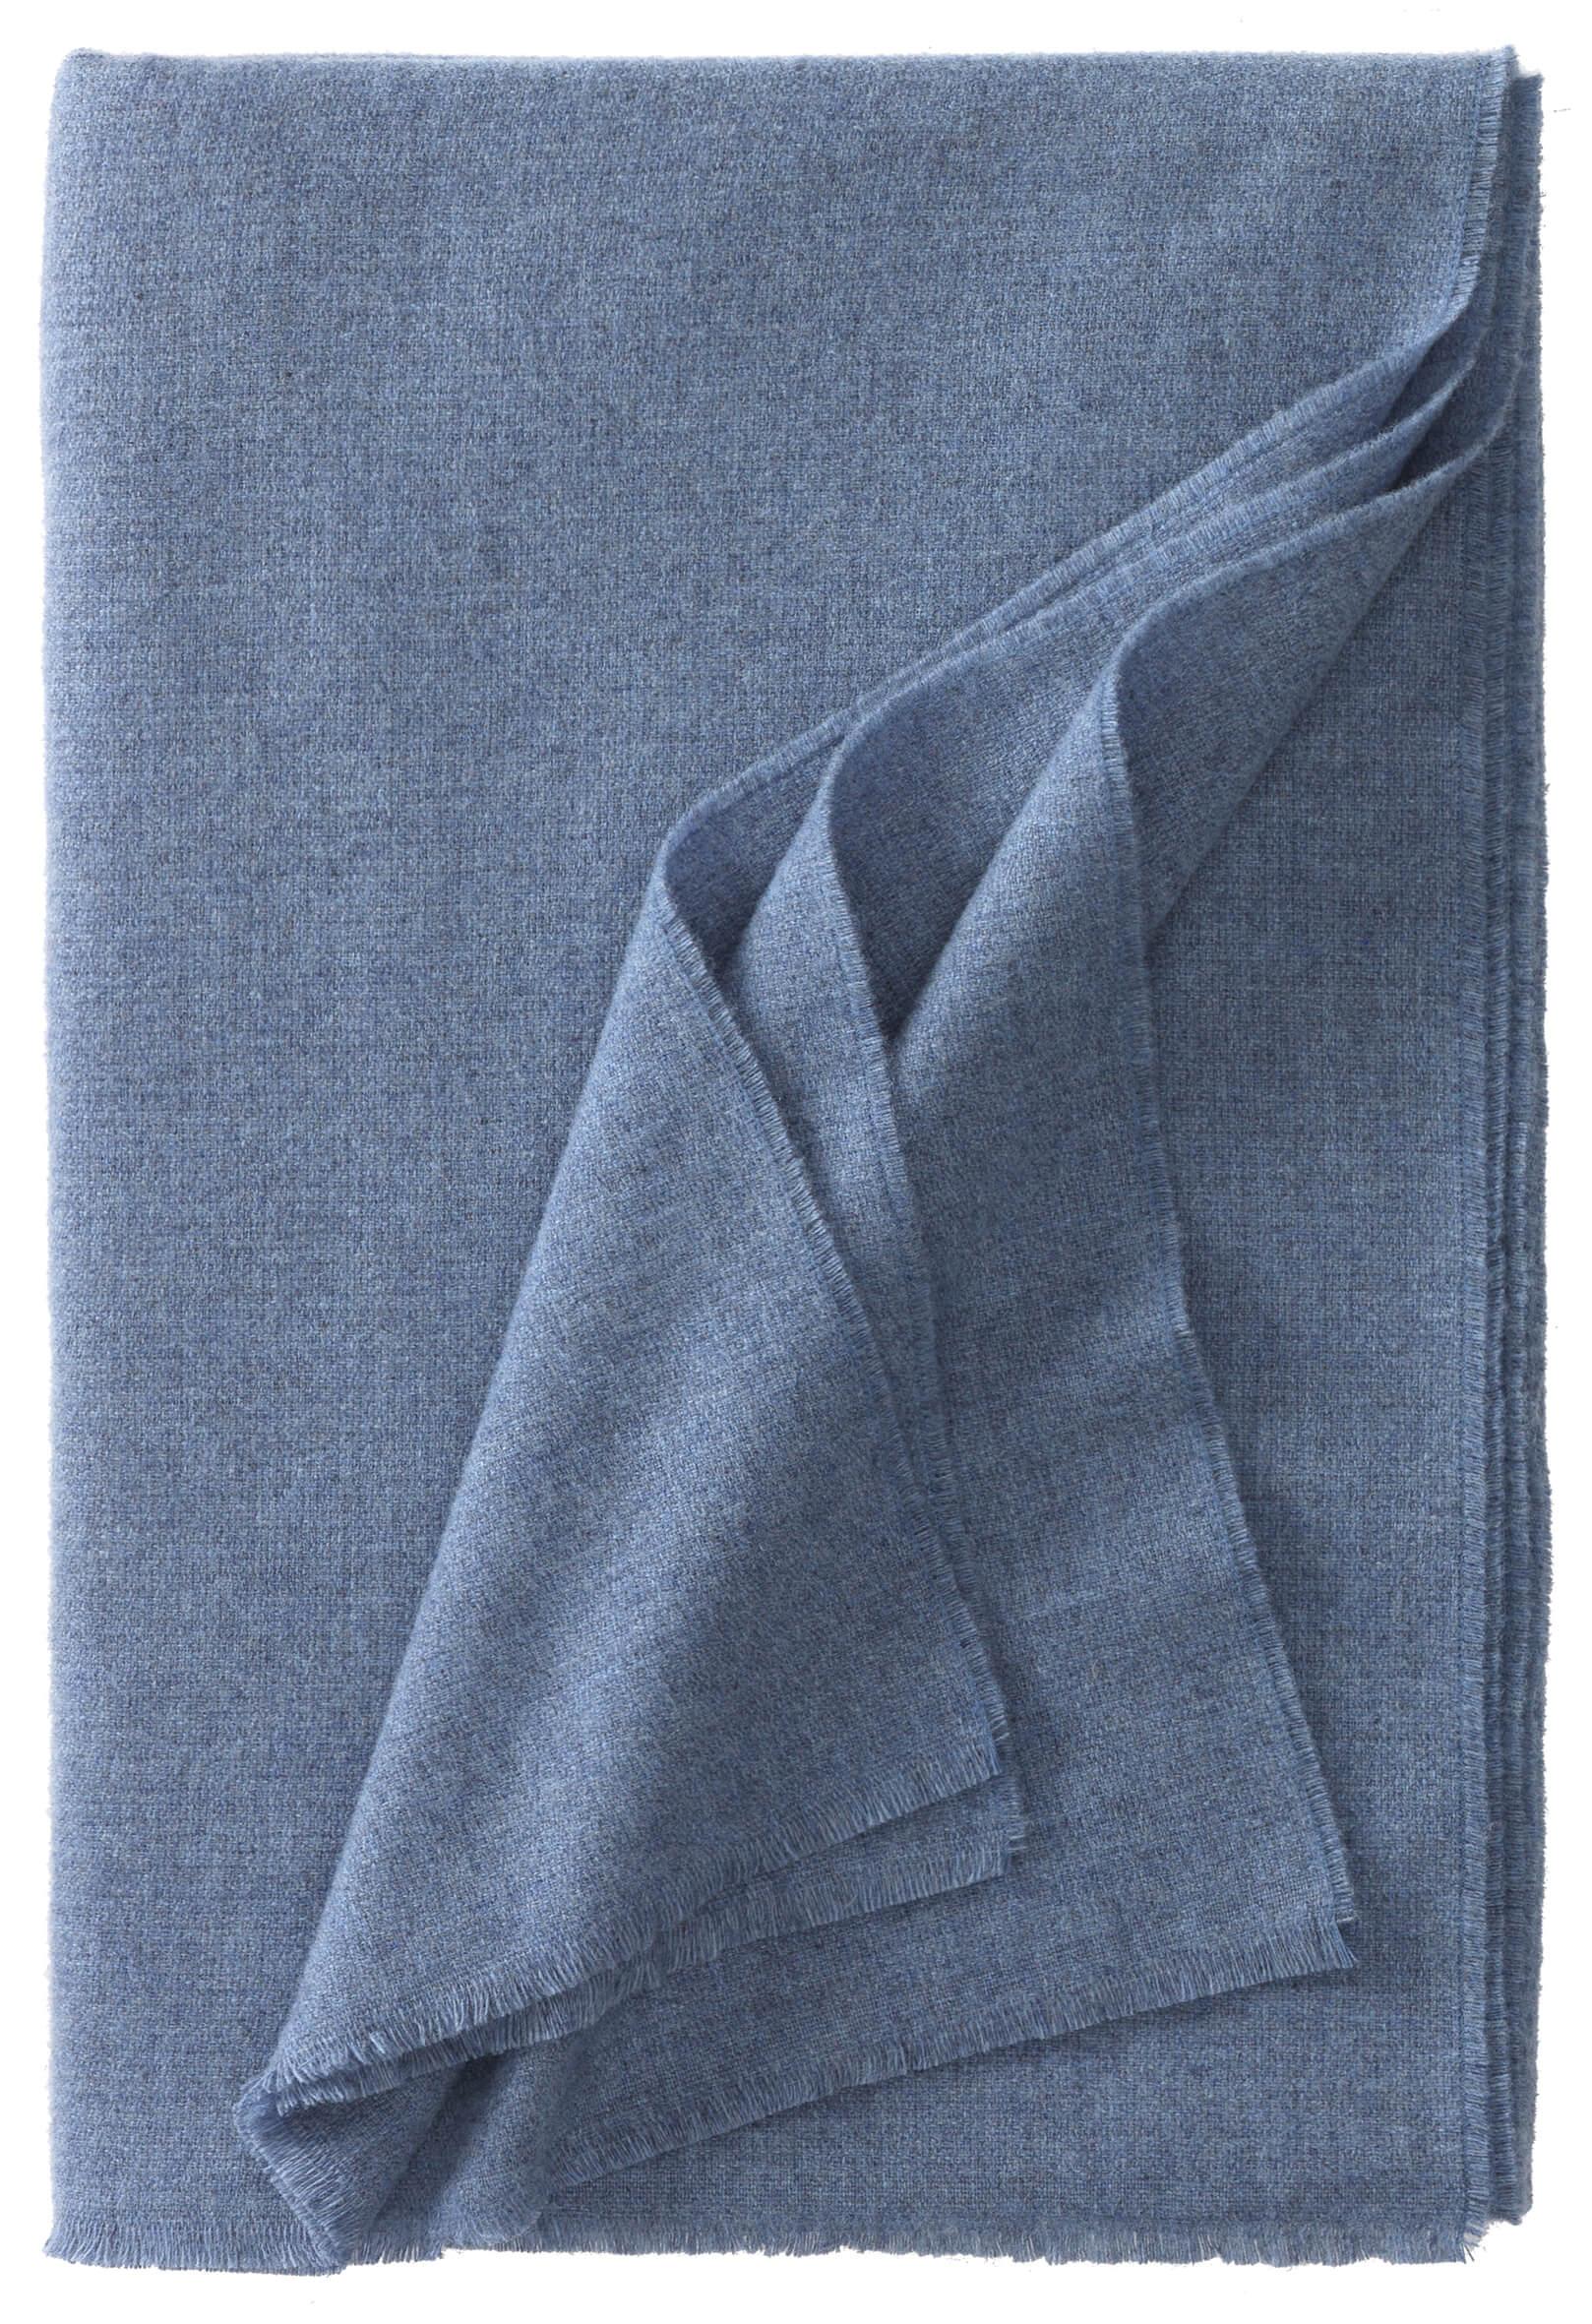 Bild von Elba116, Variante jeans